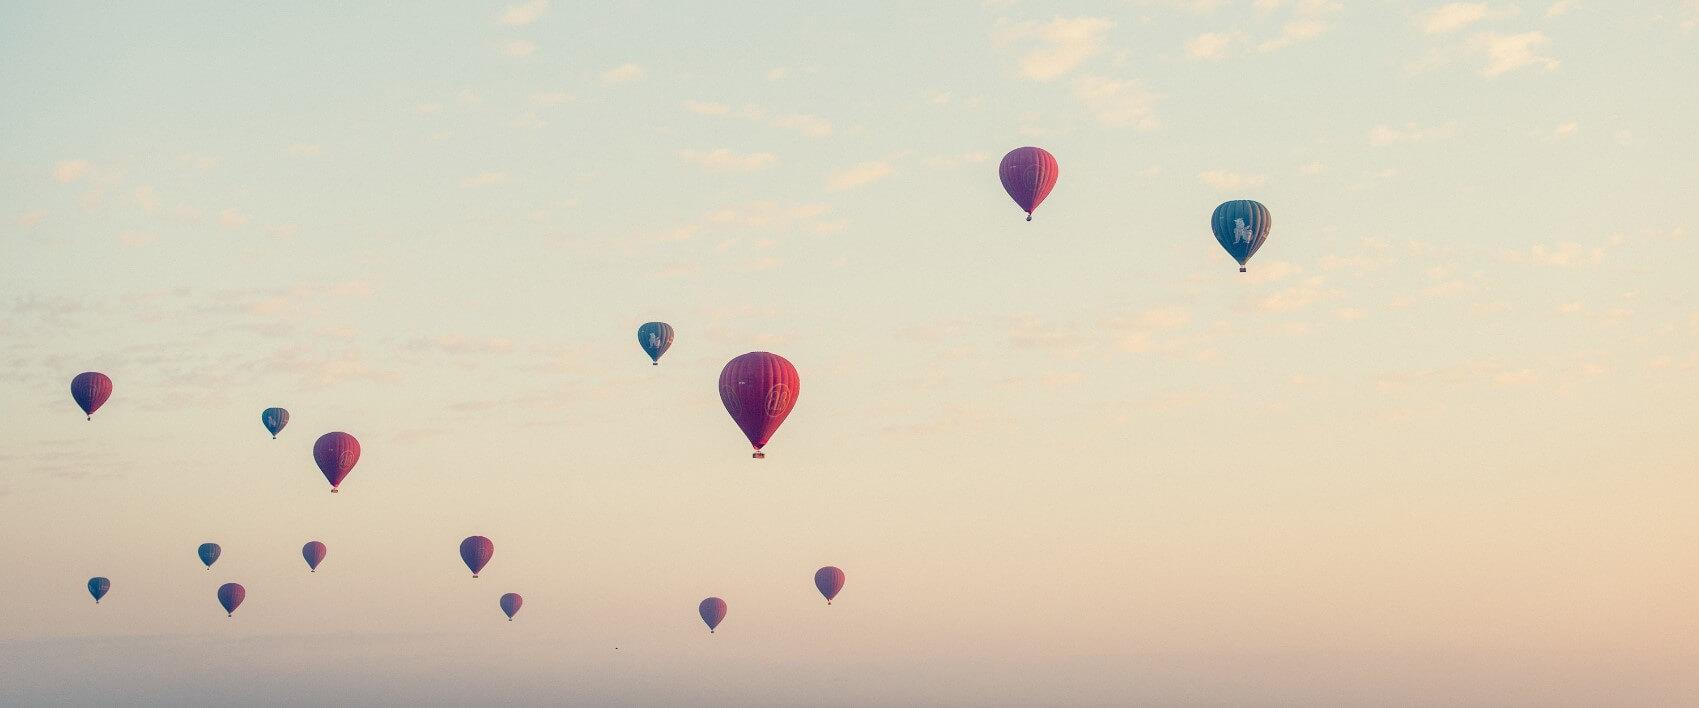 Fördelar med telefonväxel i molnet (& bästa praxis för flytt)